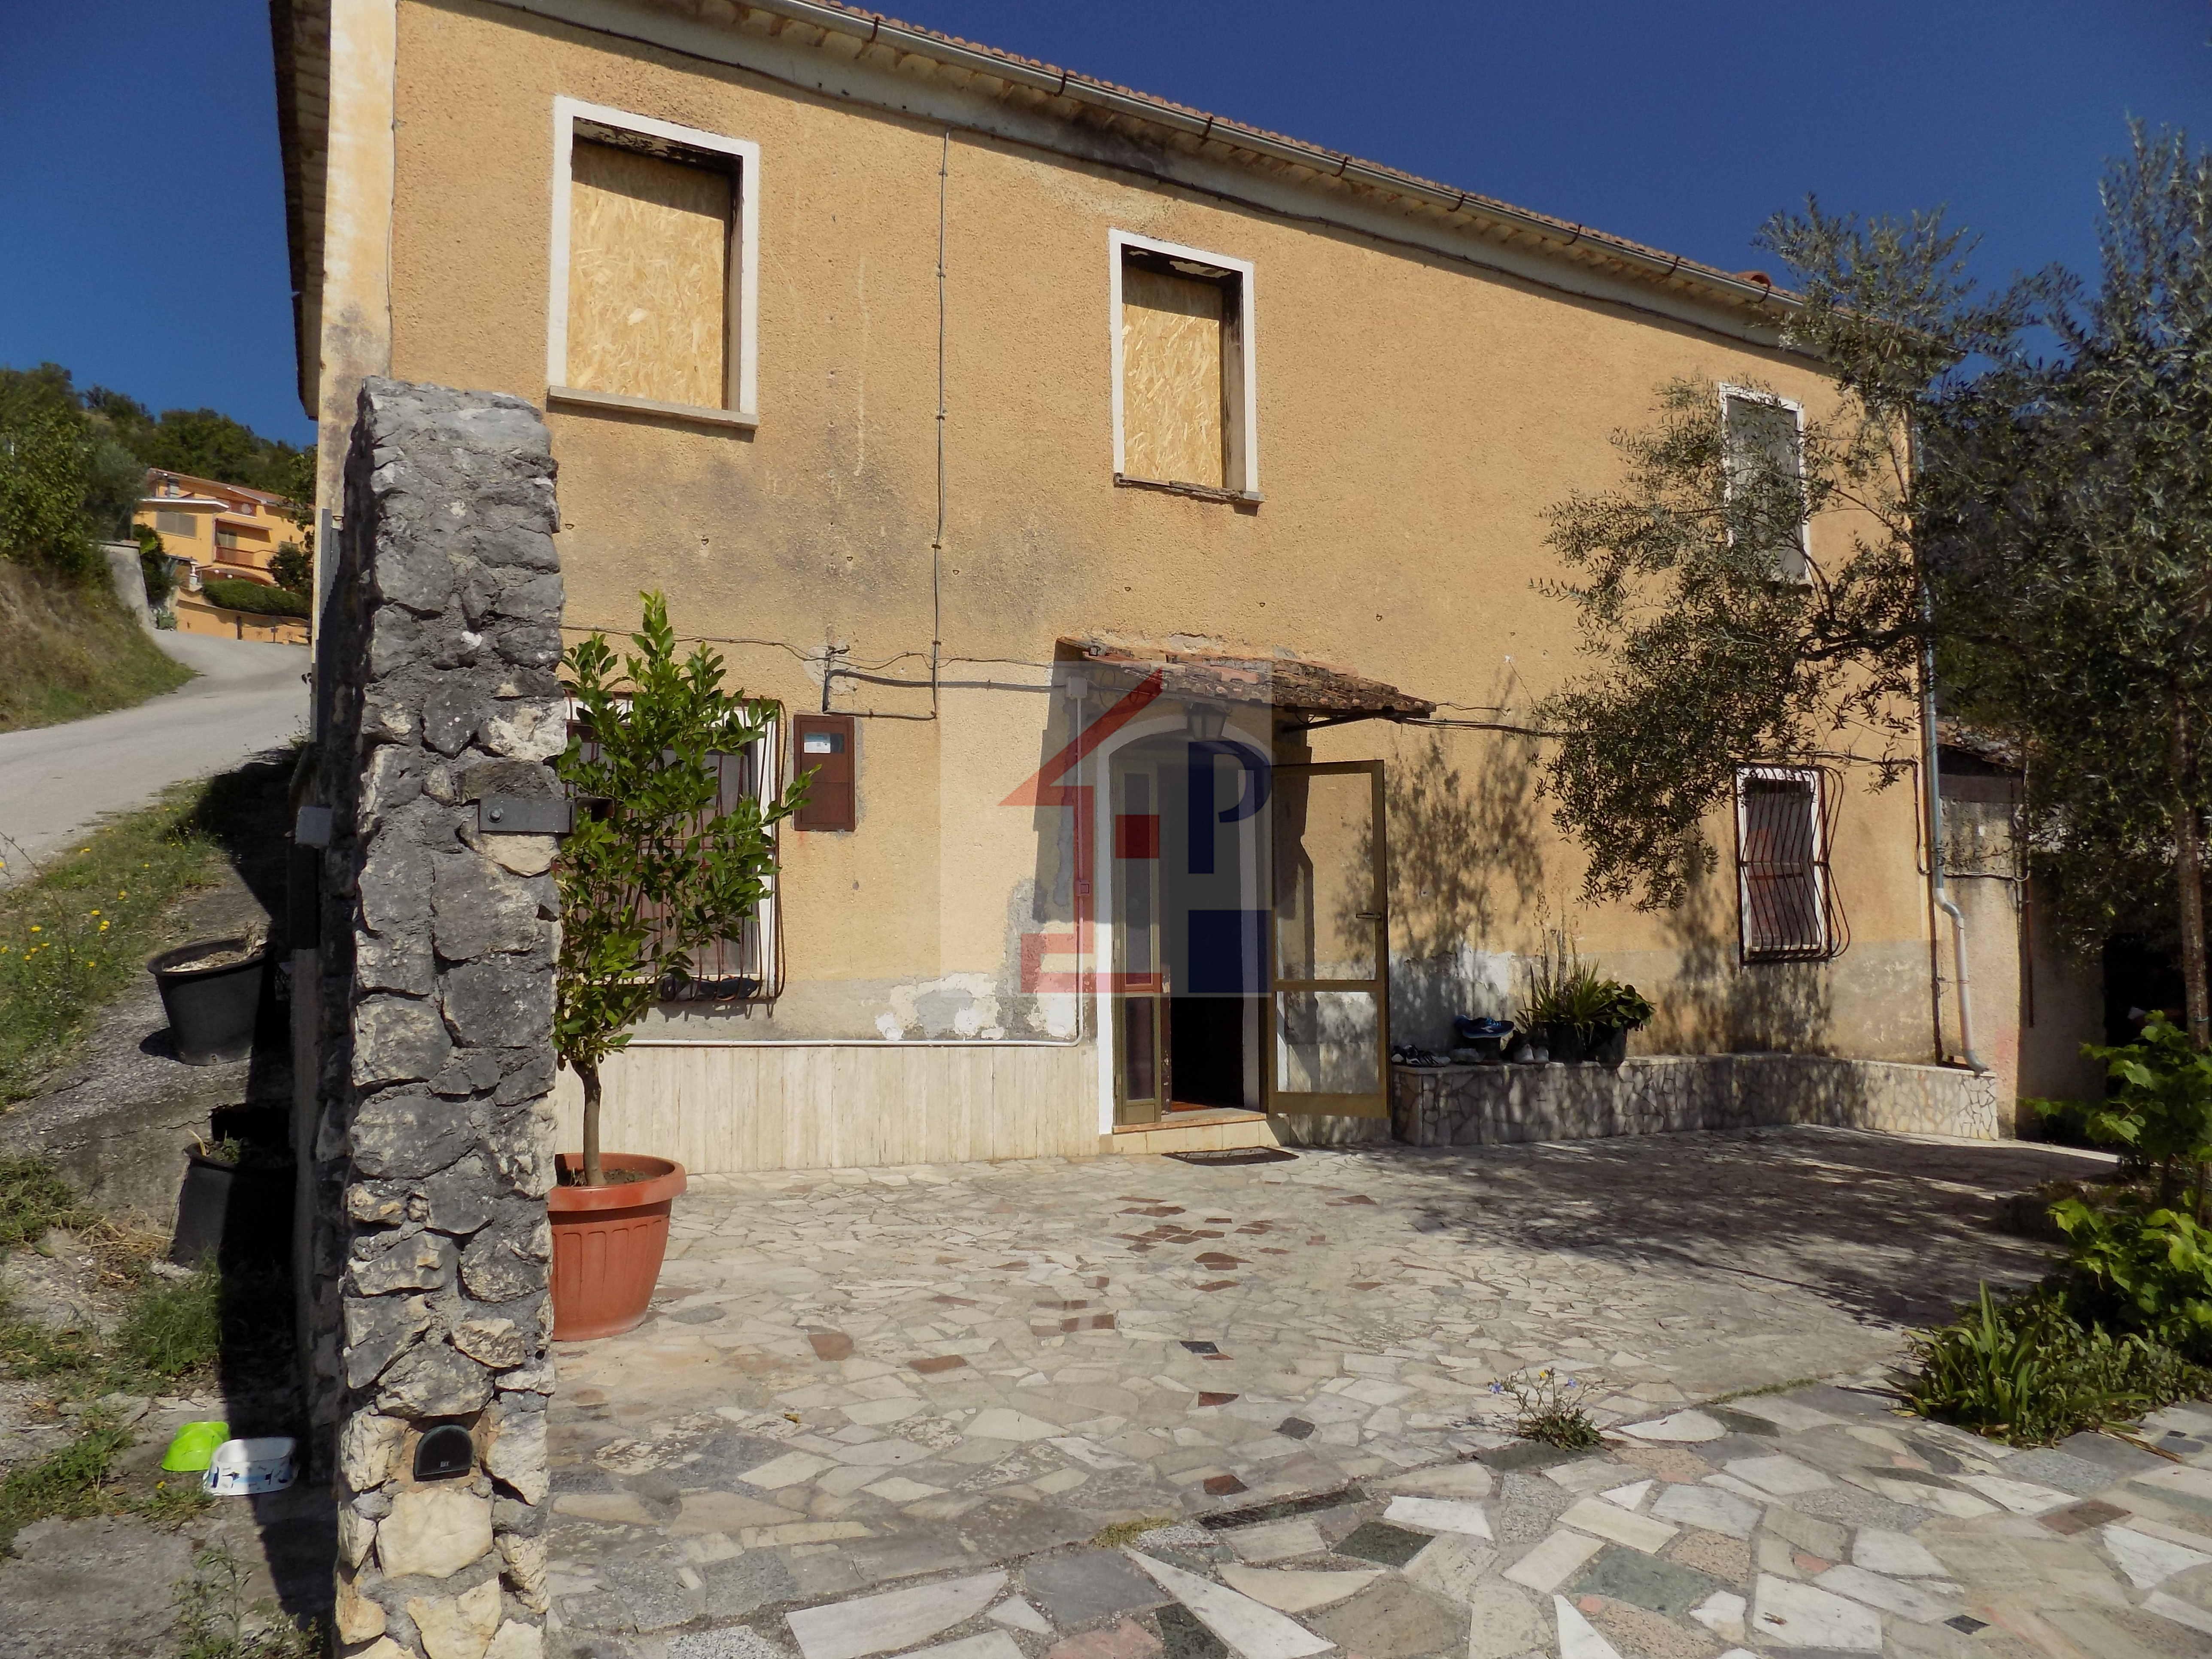 Casa indipendente in vendita ad Alvito con terreno